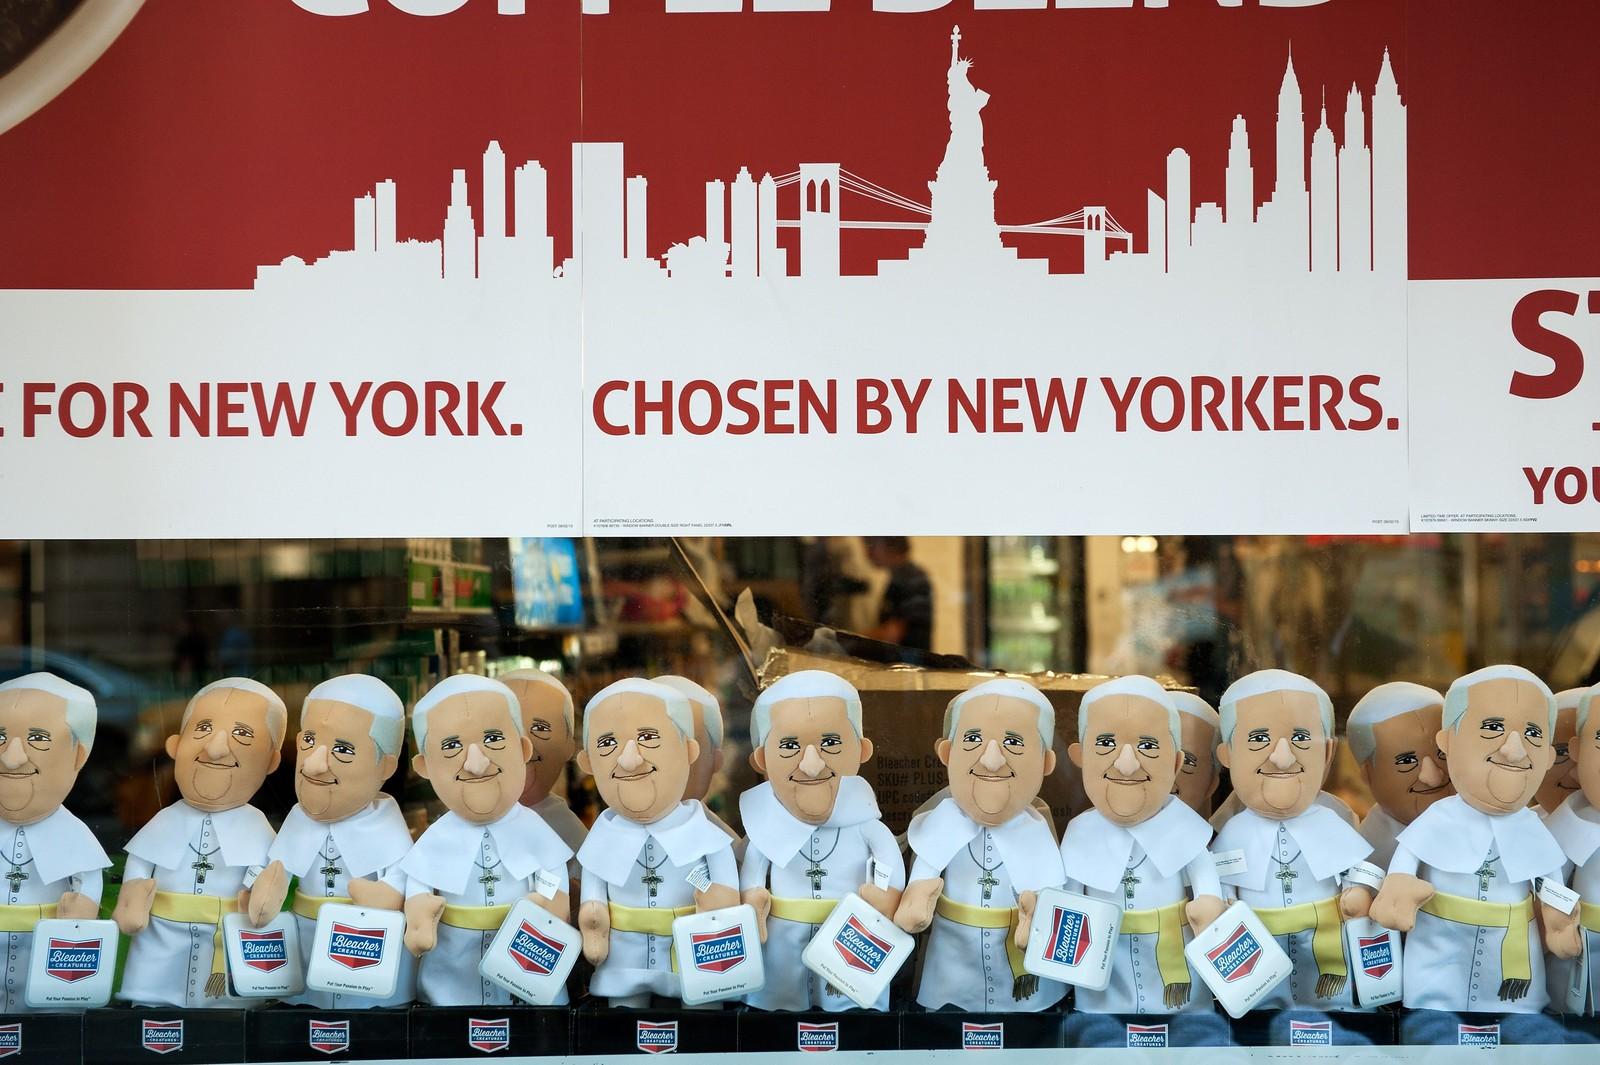 Butikkeselgere utnytter at Paven er på besøk, og disse dukkene er hva du kan få kjøpt på 5th avenue i New York for tiden.